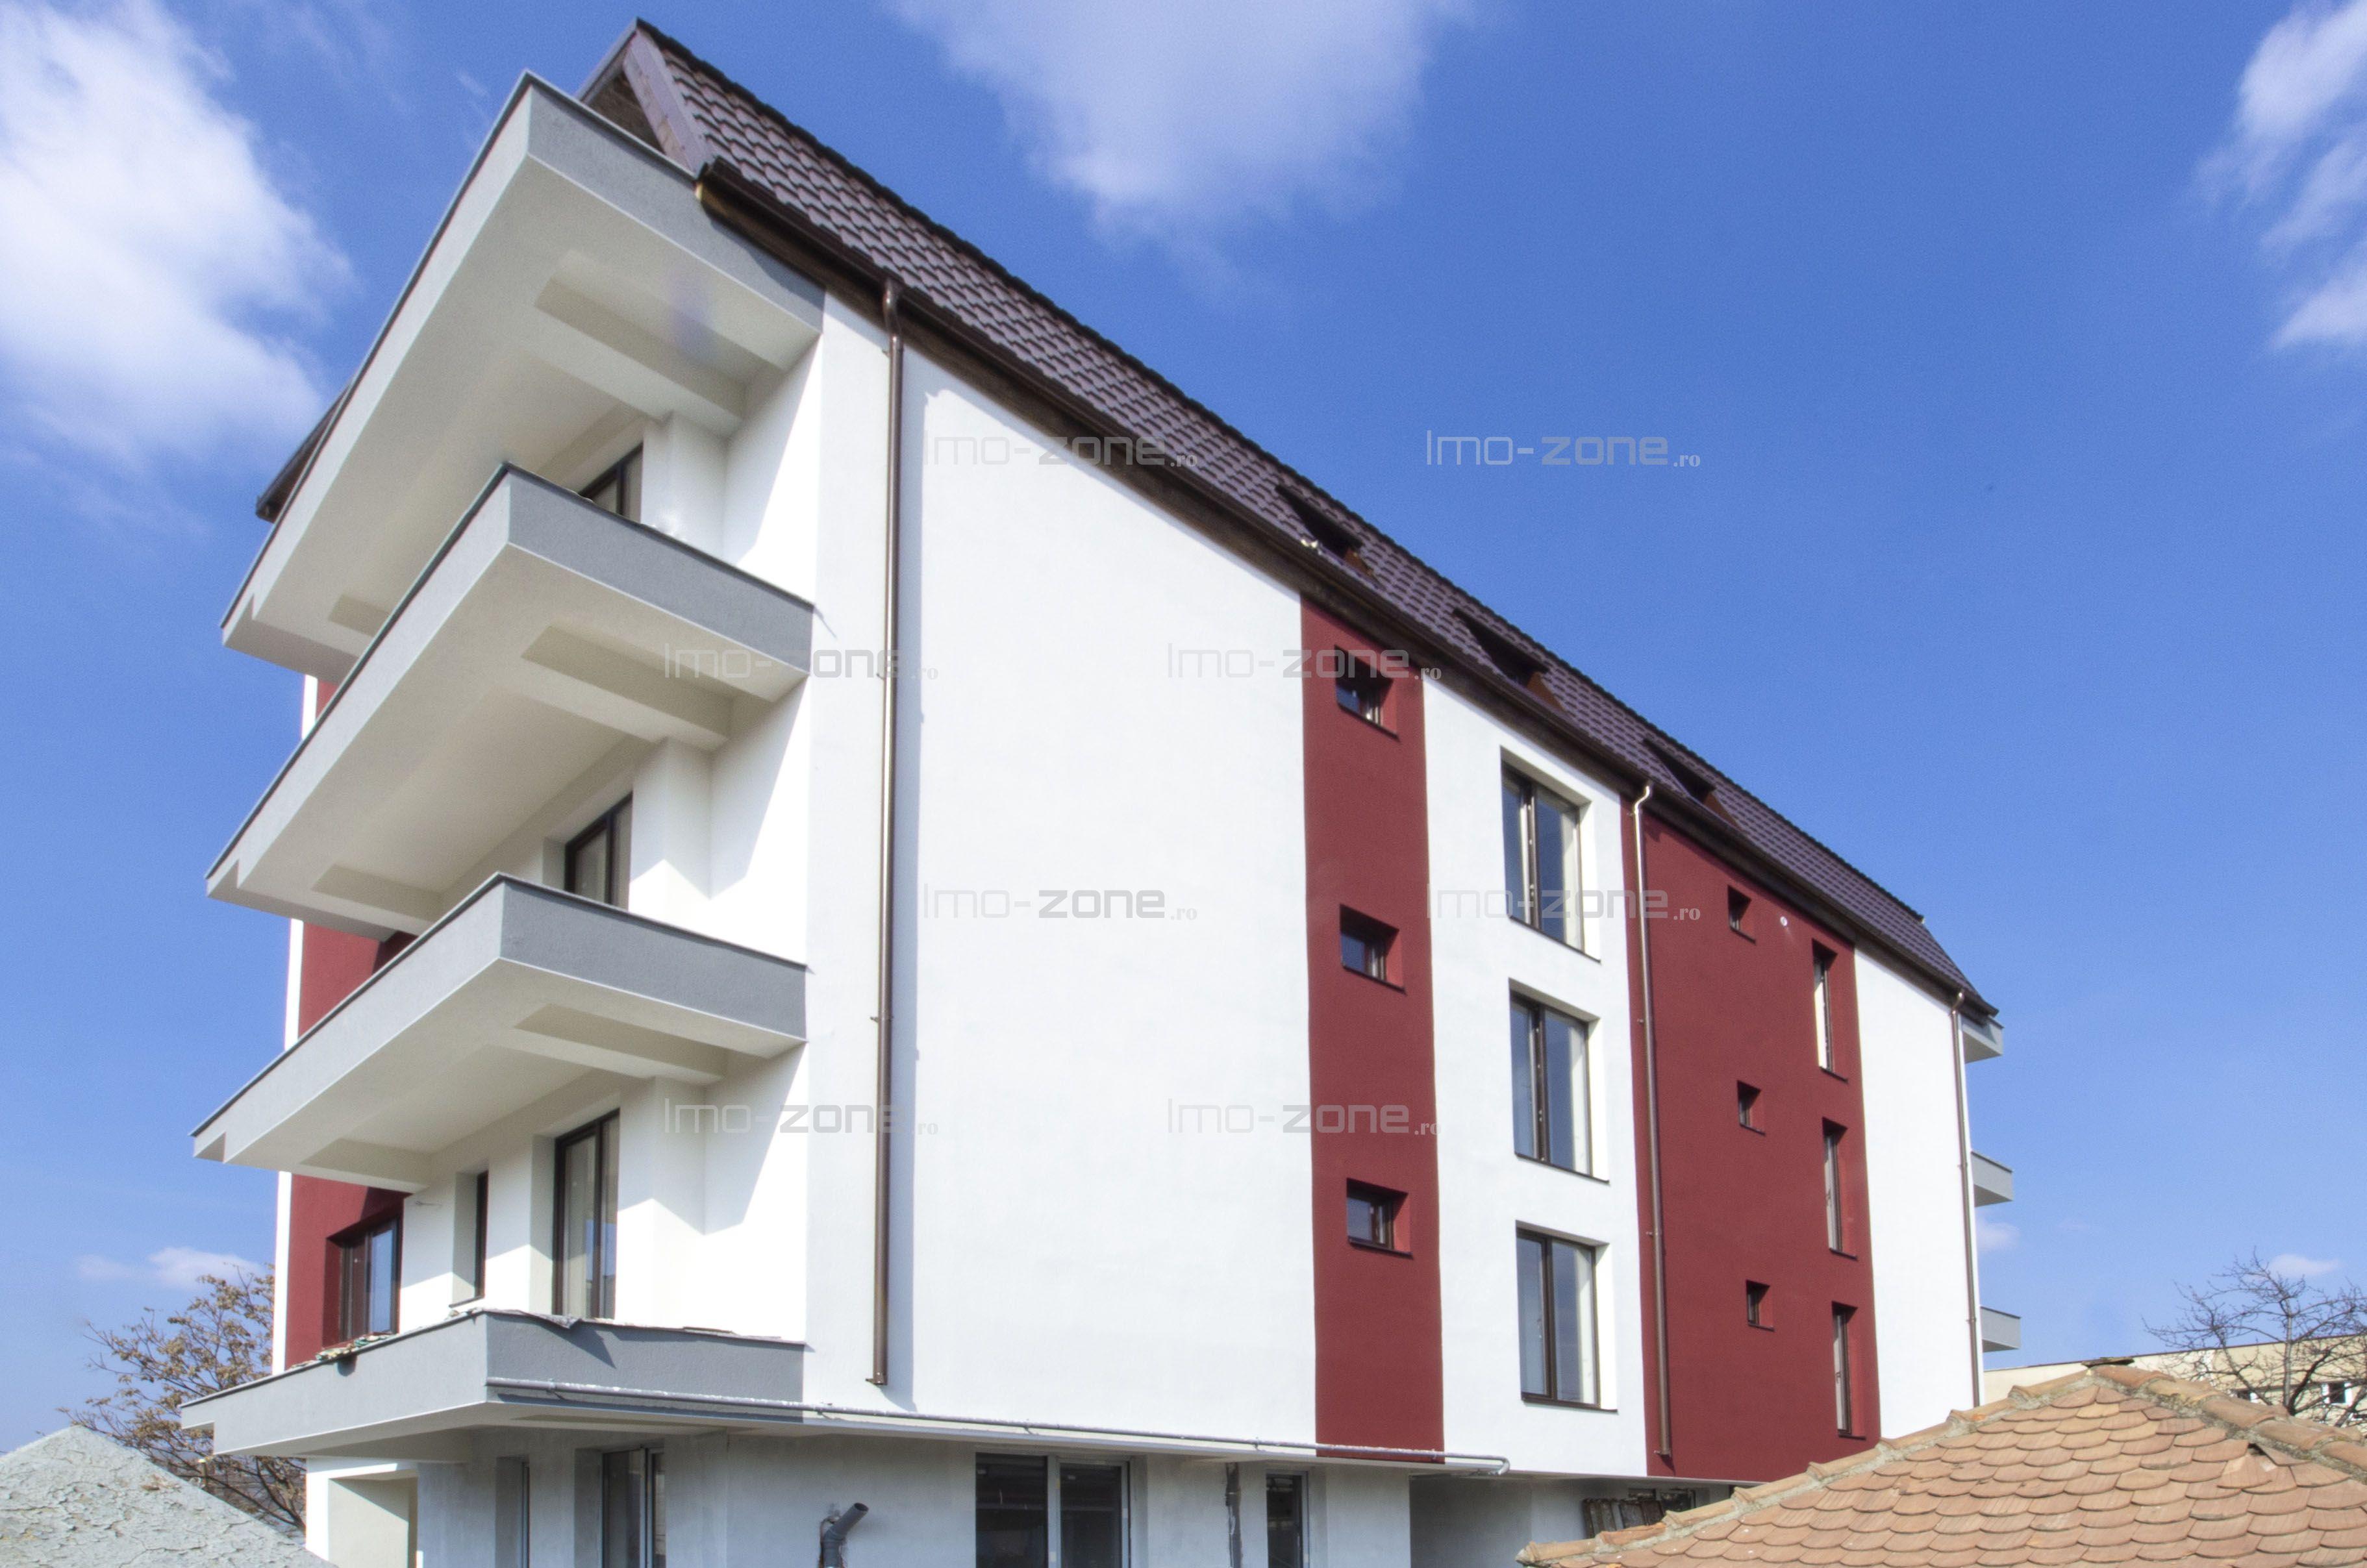 Apartament 2 camere, 54 mpu, bucatarie inchisa, baie cu geam, balcon.